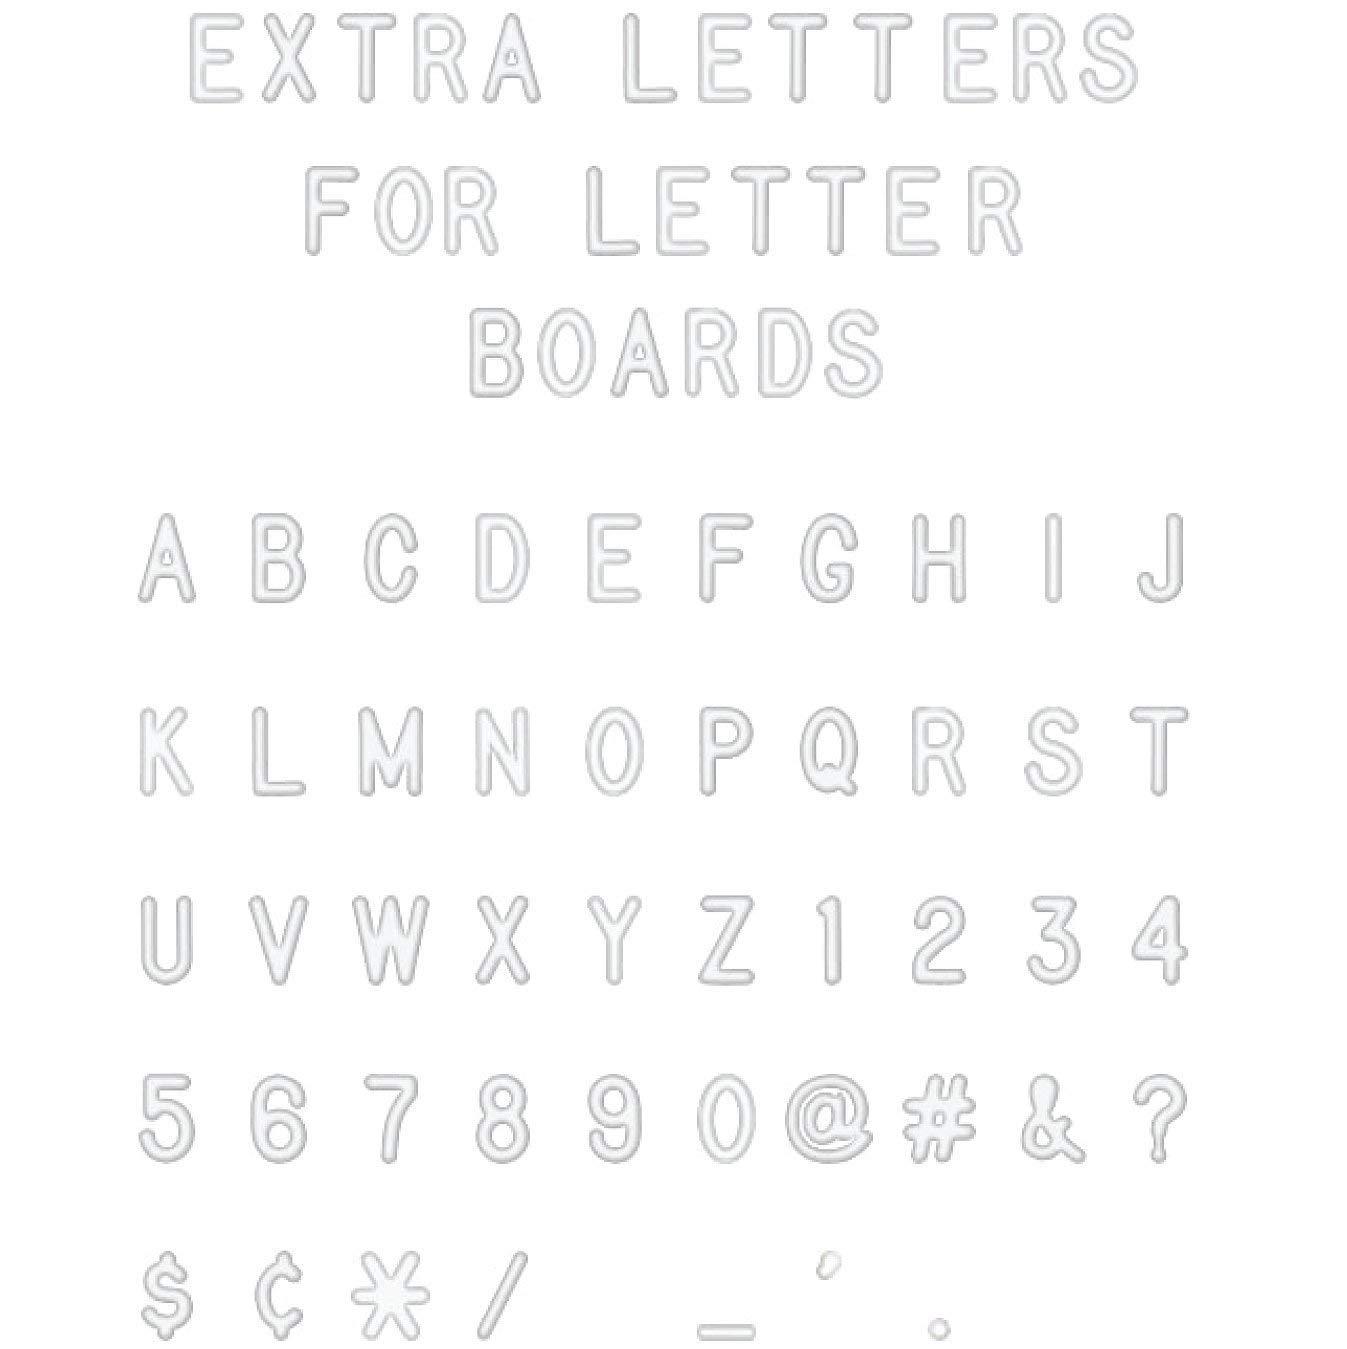 """White Plastic Letter Set for Changeable Felt Letter Boards. 3/4"""" Letters, Set of 300 Characters by Felt Like Sharing. No Gift Box Version."""